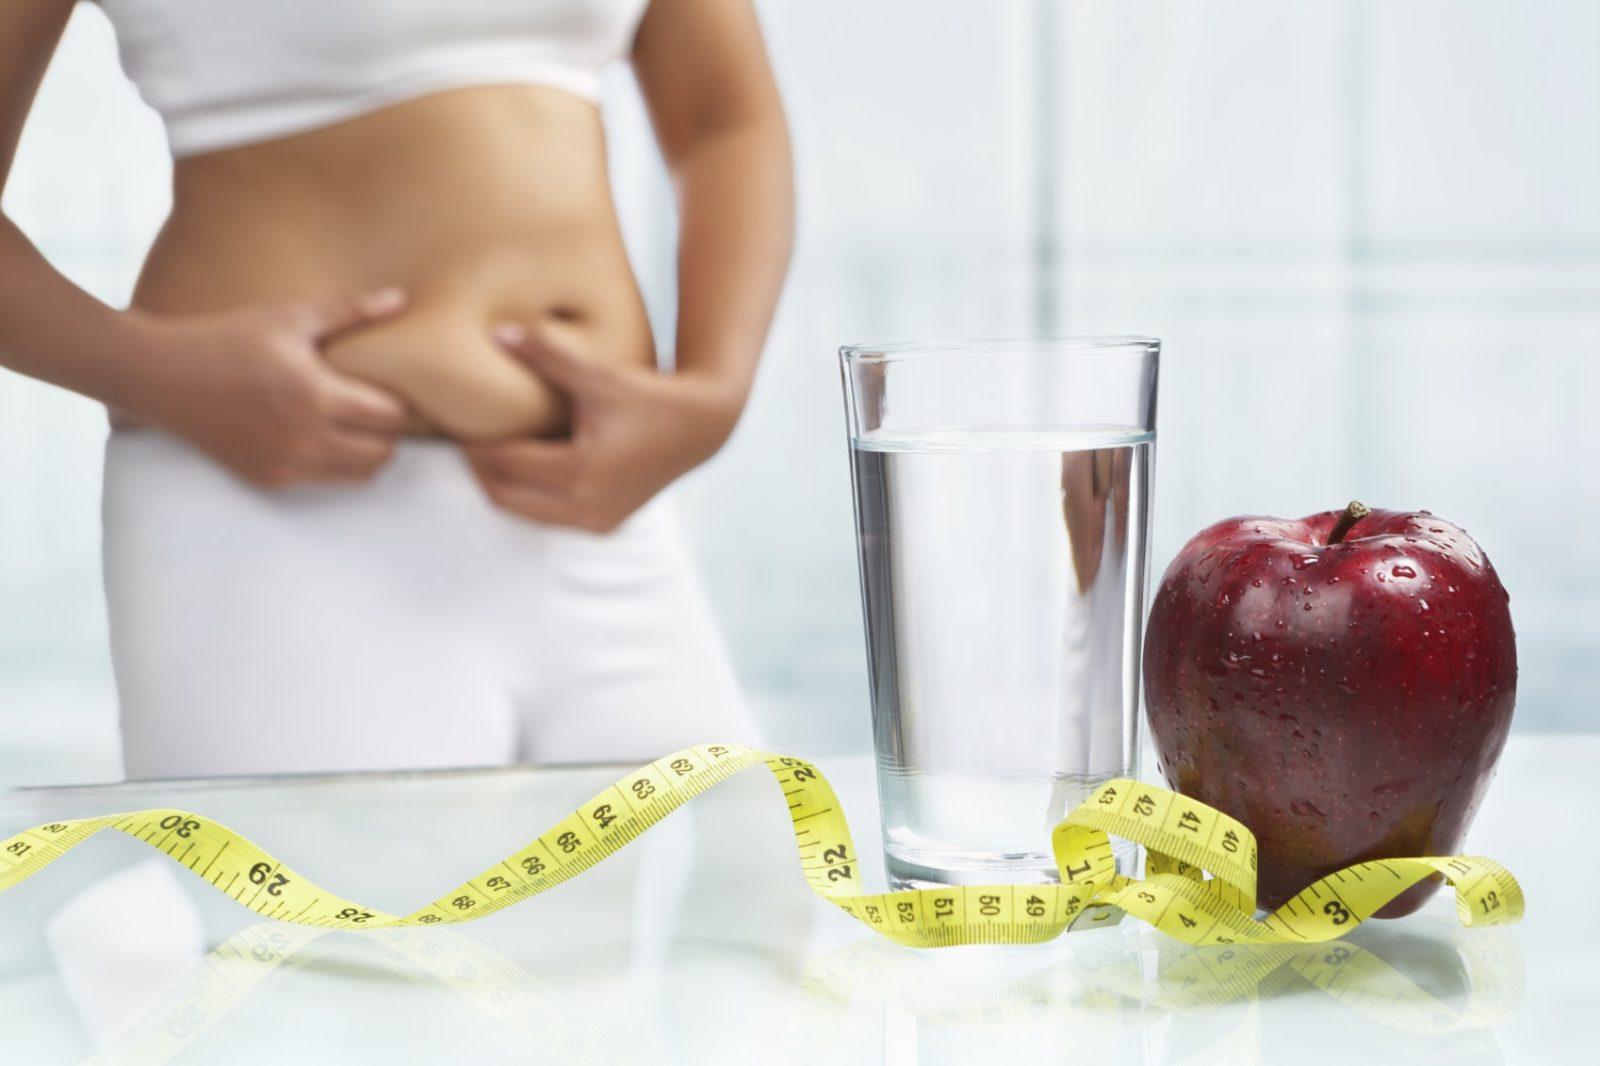 Метод Интенсивного Похудения От. Как похудеть? Просто! 10 реальных историй похудения. 20 золотых правил на пути к идеальному телу